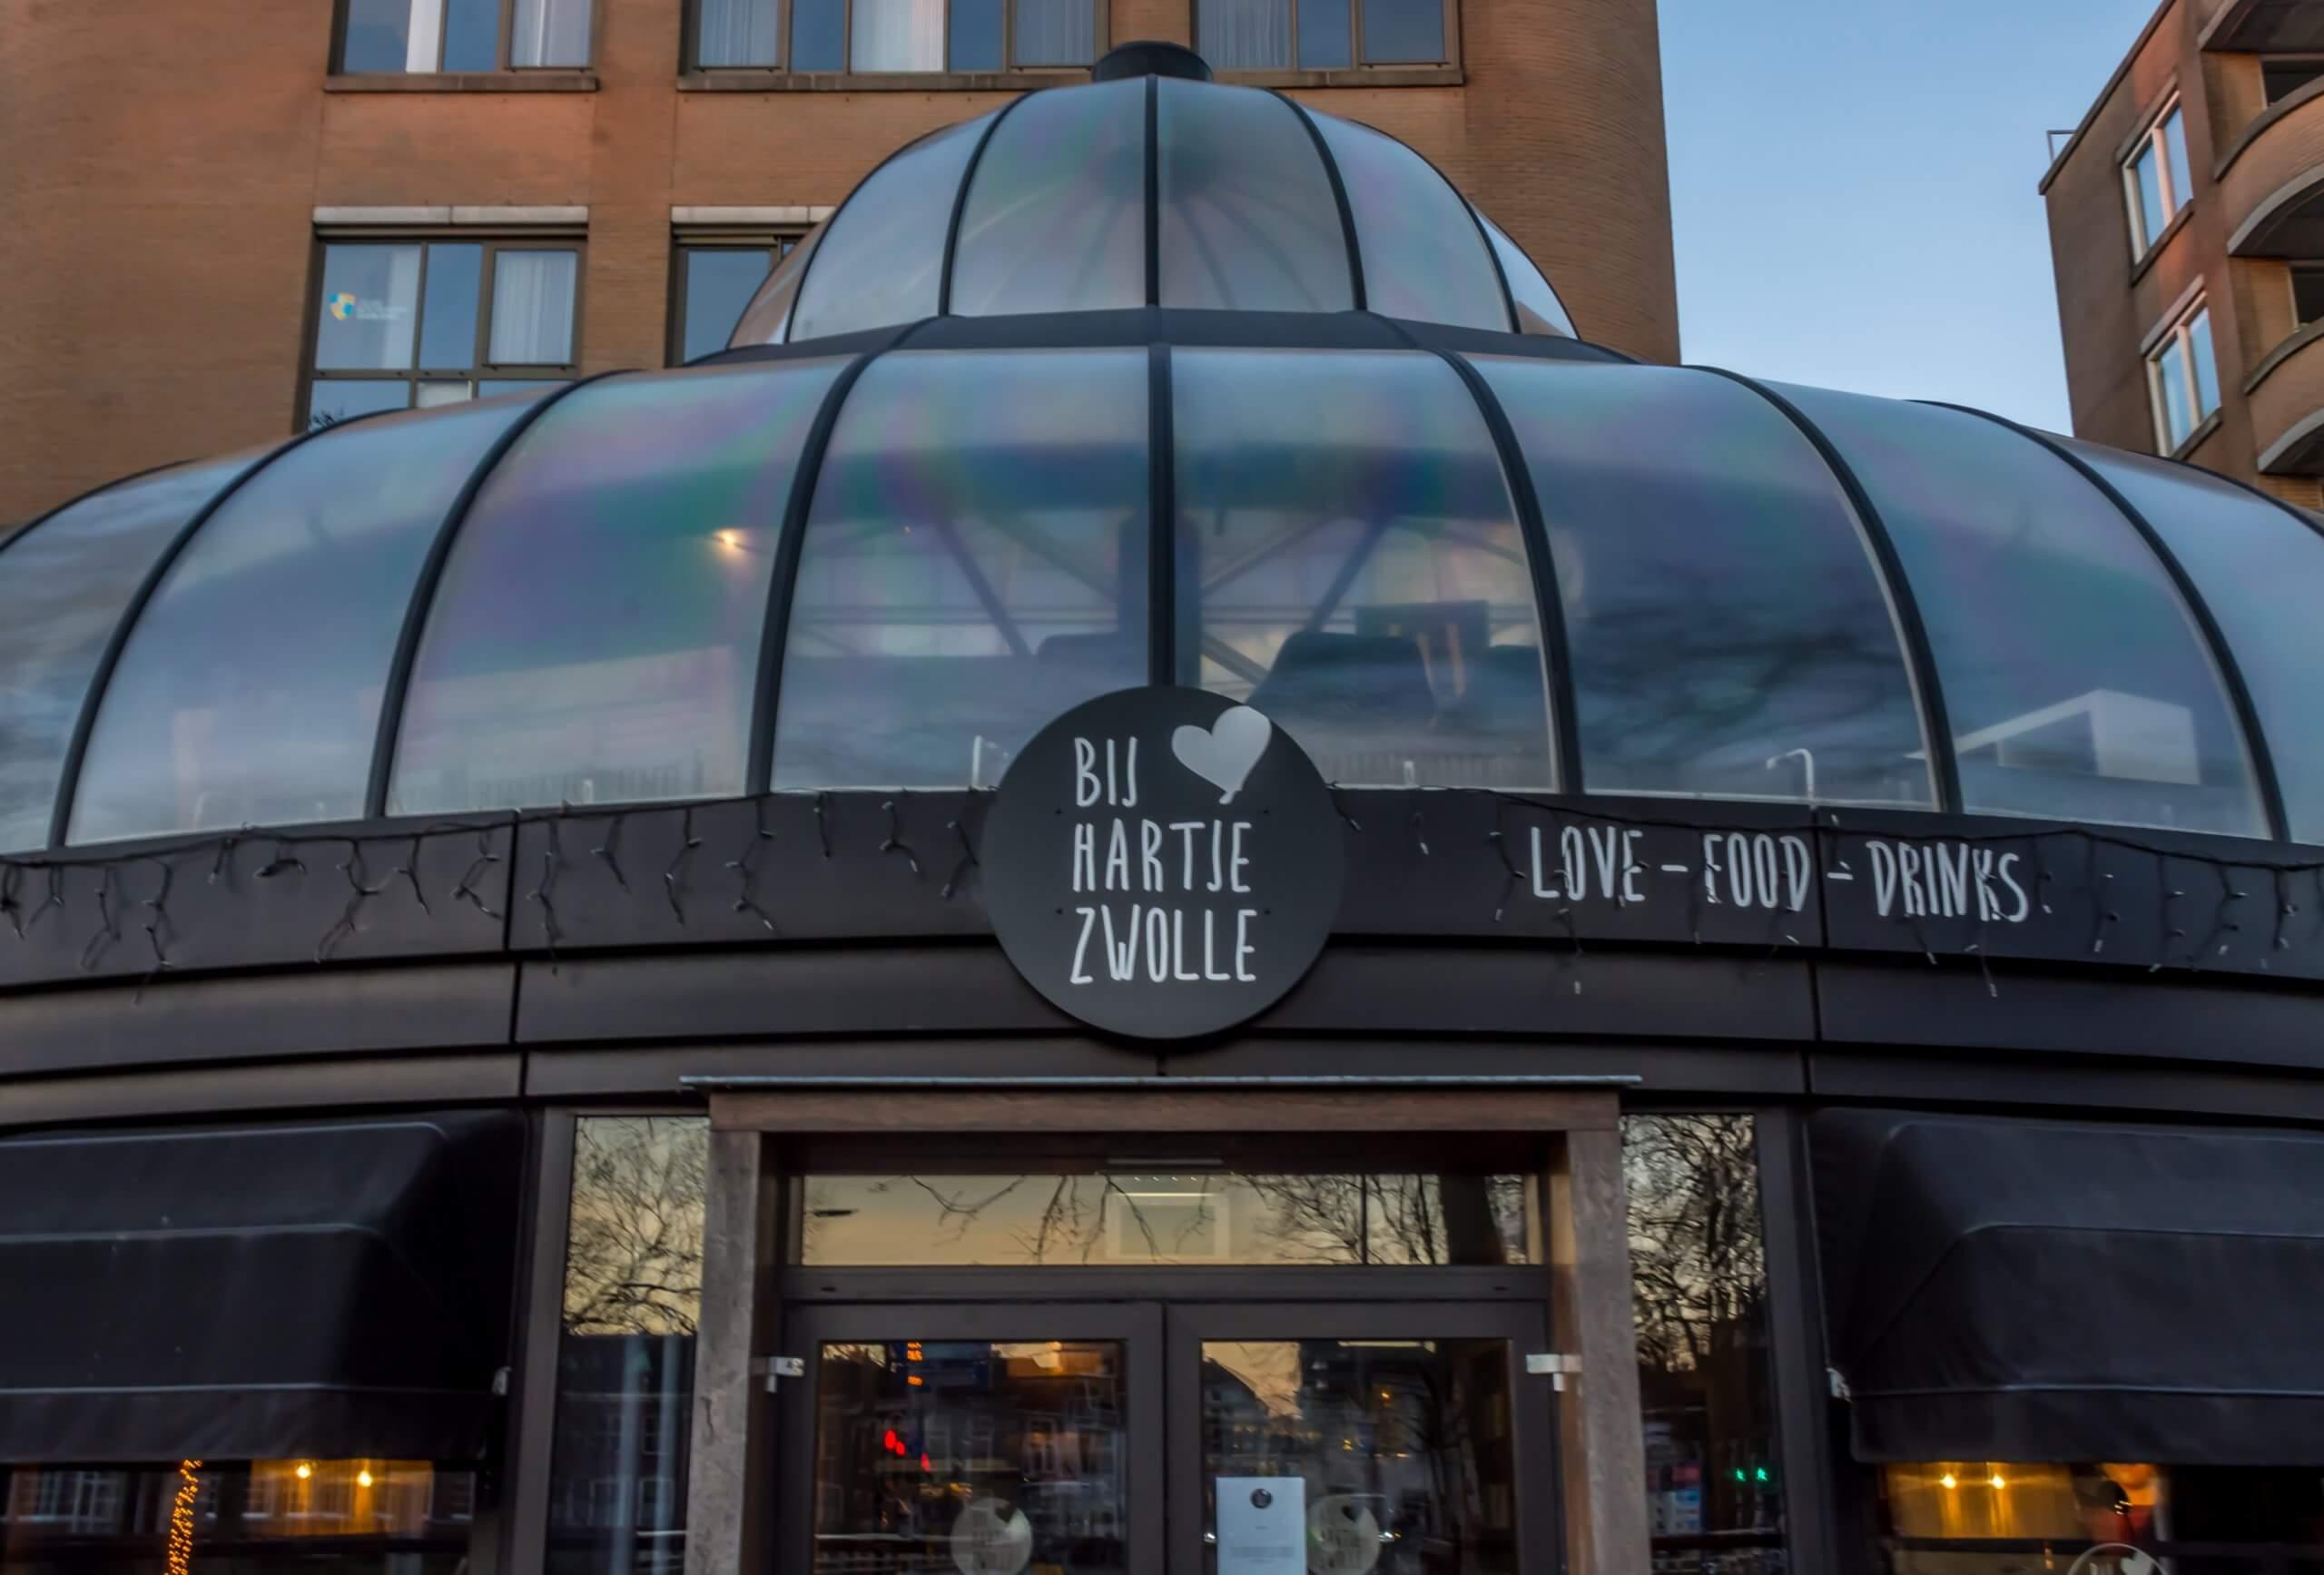 Ingang restaurant Bij Hartje Zwolle